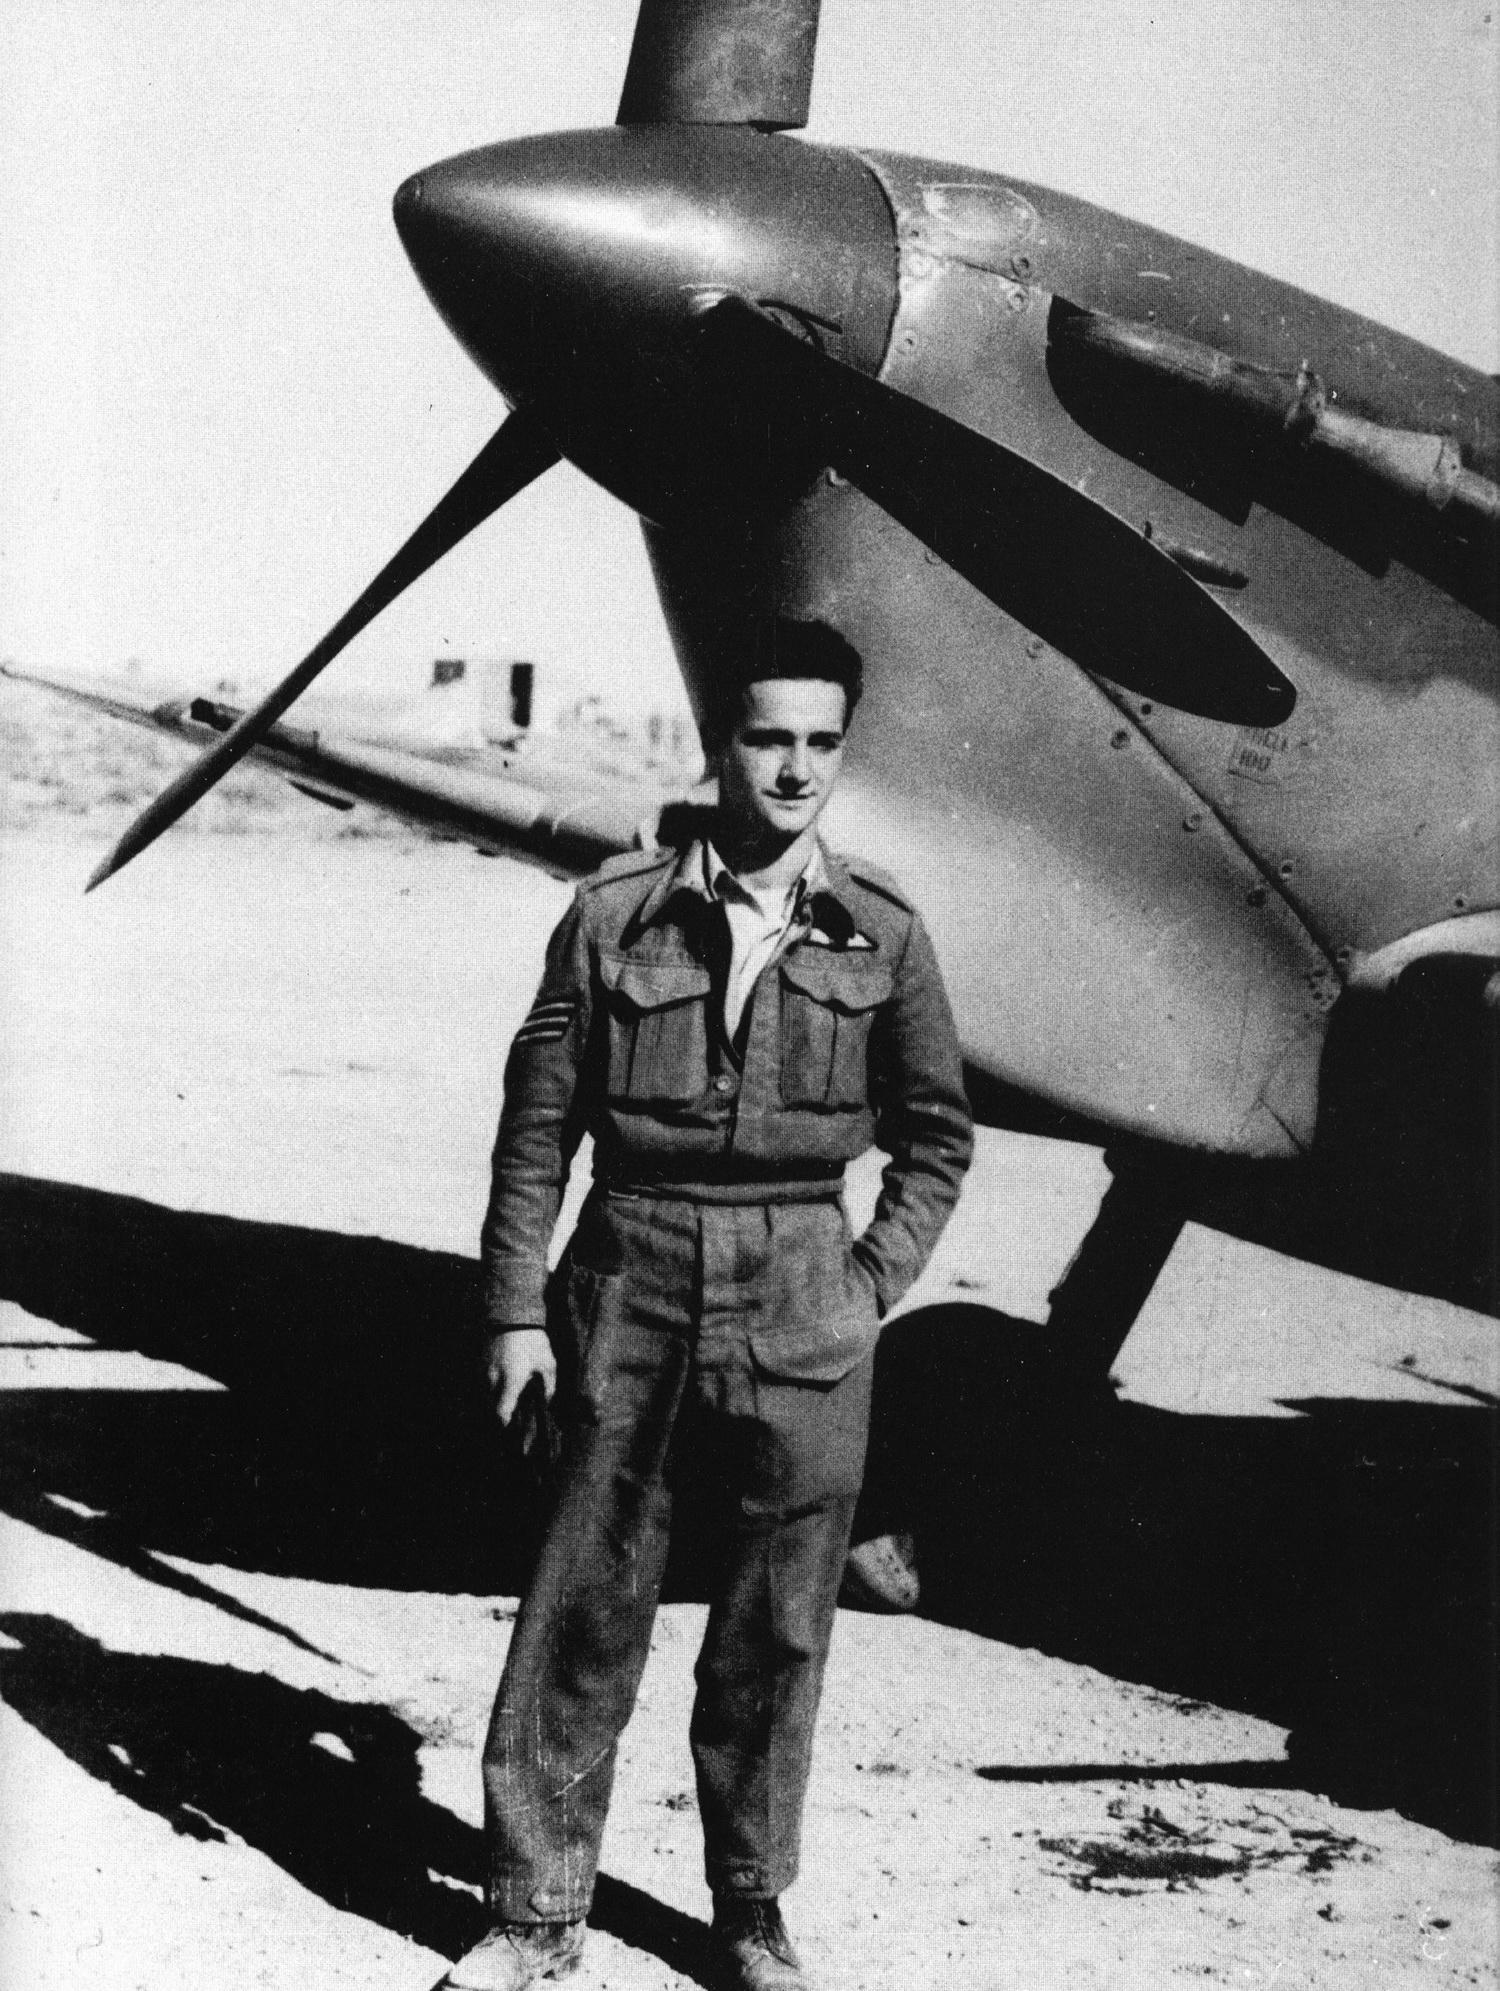 Spitfire MkVbTrop RAF 145Sqn ZXH EA Ker AB277 LG154 Egypt Jul 1942 01